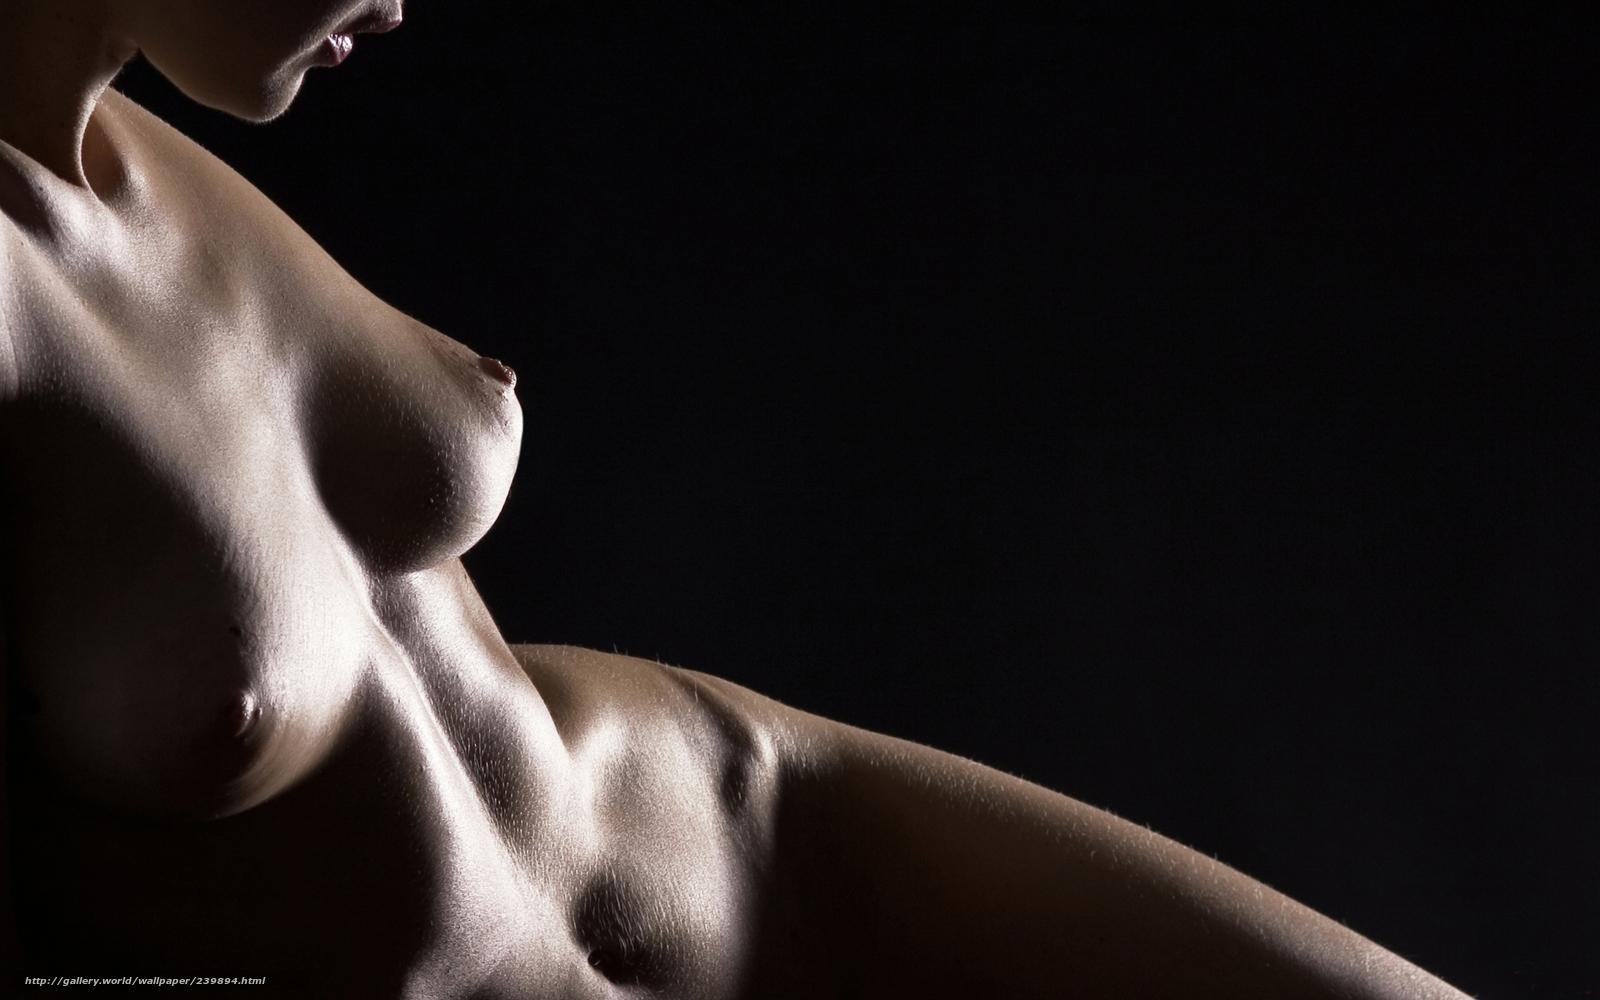 Эротика тело на черном фоне 15 фотография